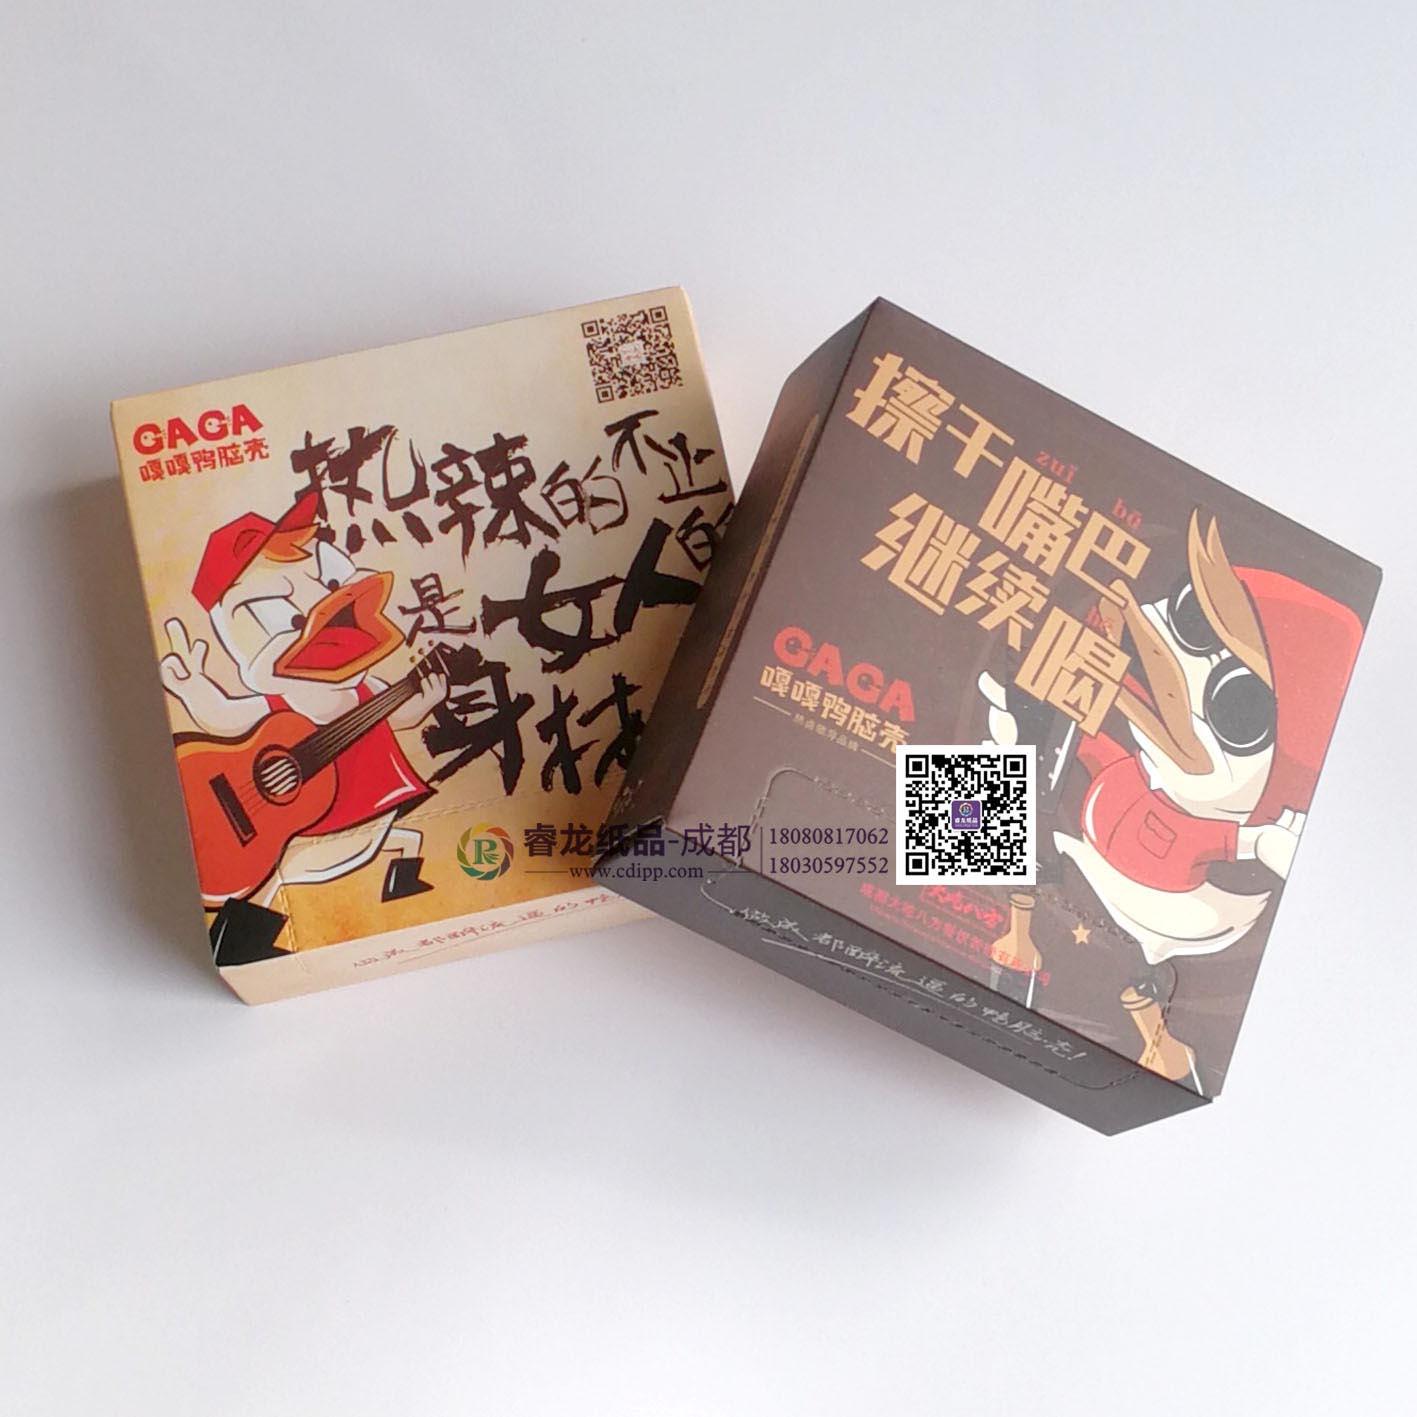 火爆烧烤☀火锅餐饮美食☀抽纸盒定制案例图集☚睿龙纸品厂